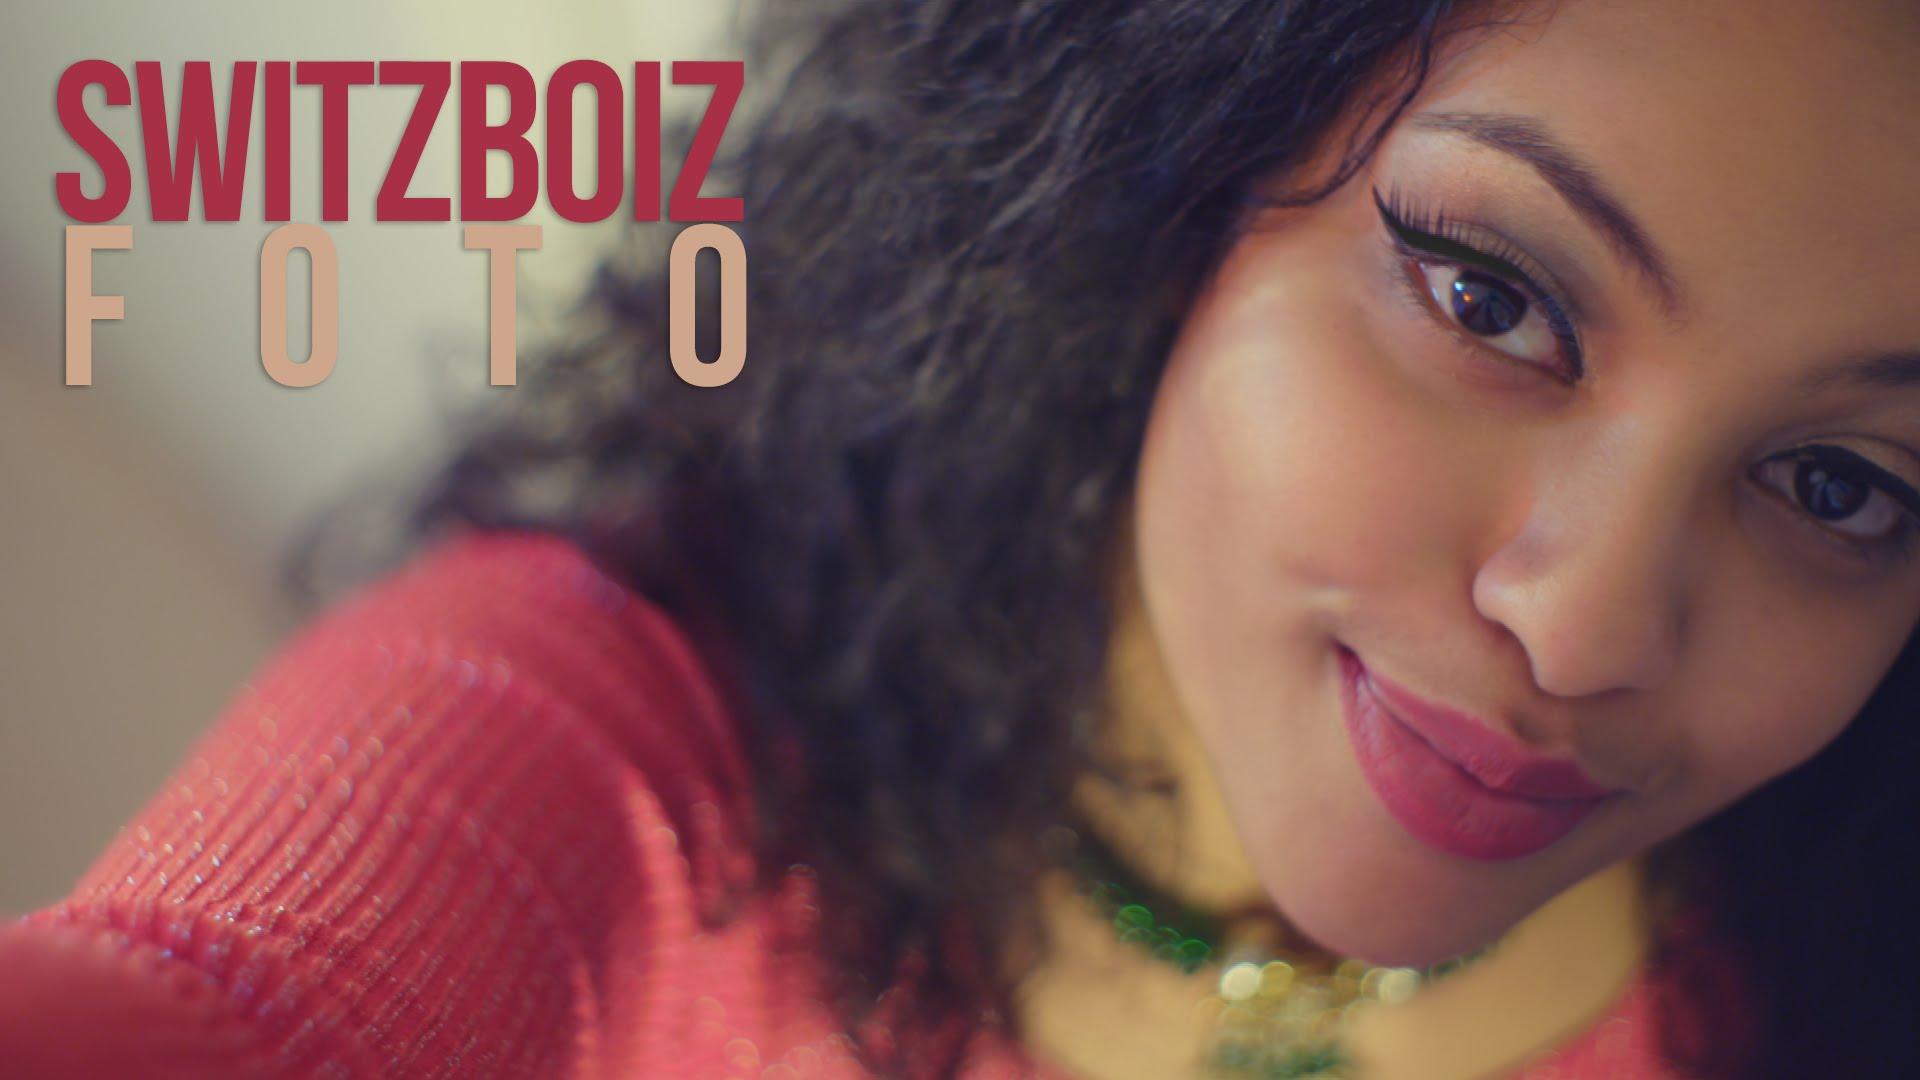 switzboiz foto official video